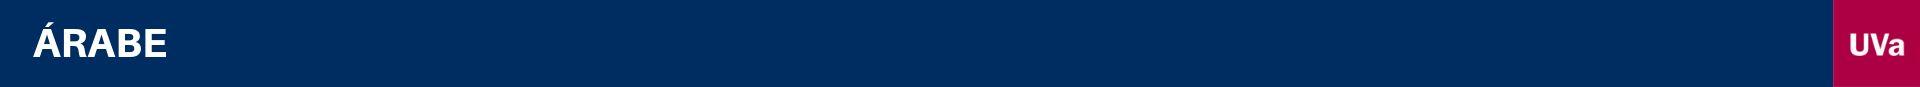 Árabe banner cursos web